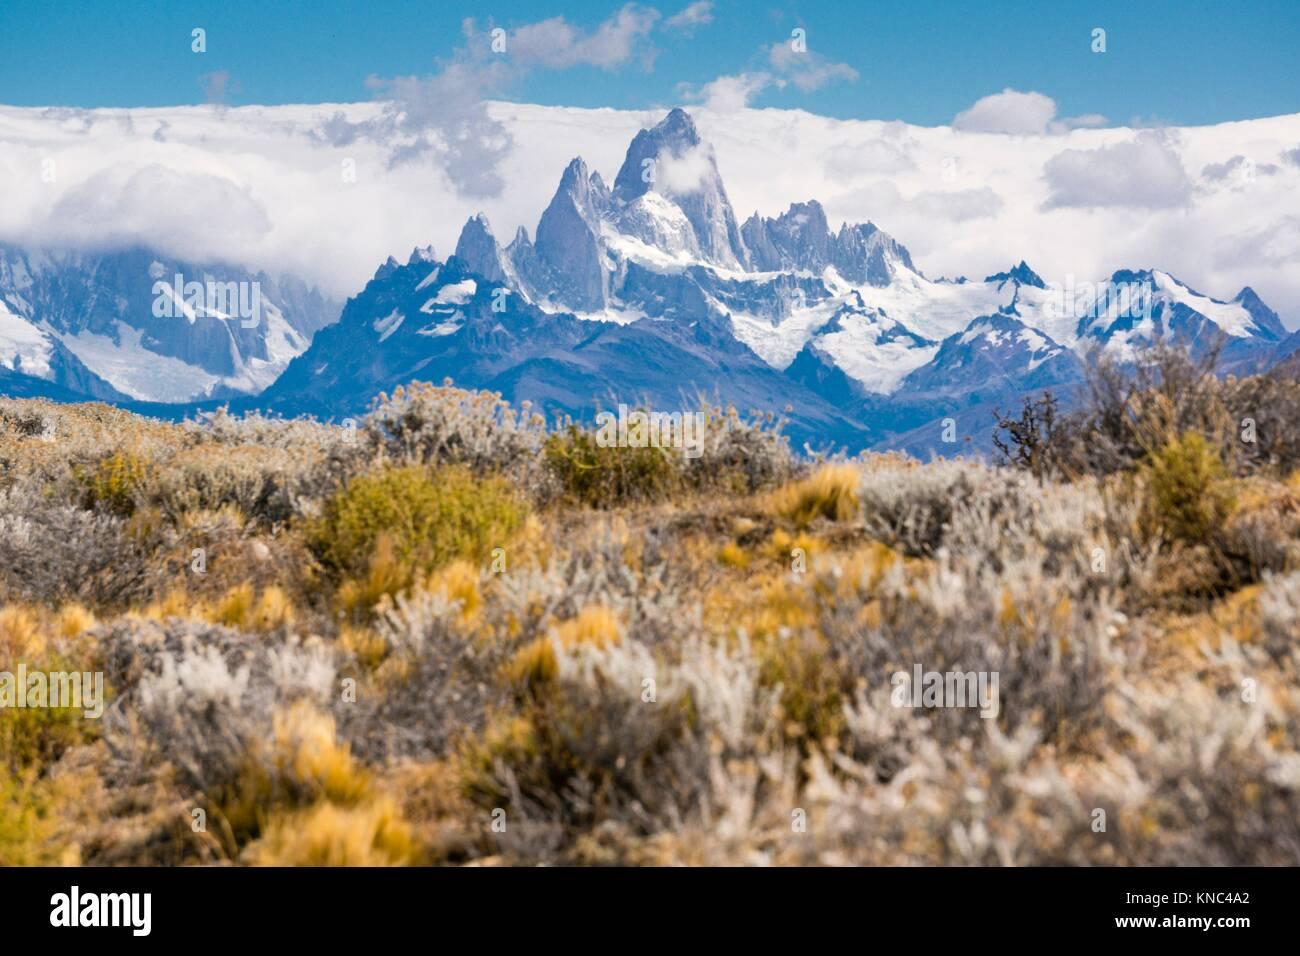 Monte Fitz Roy, - Cerro Chaltén -, 3405 metros, parque nacional Los Glaciares, Patagonia, Argentina. - Stock Image